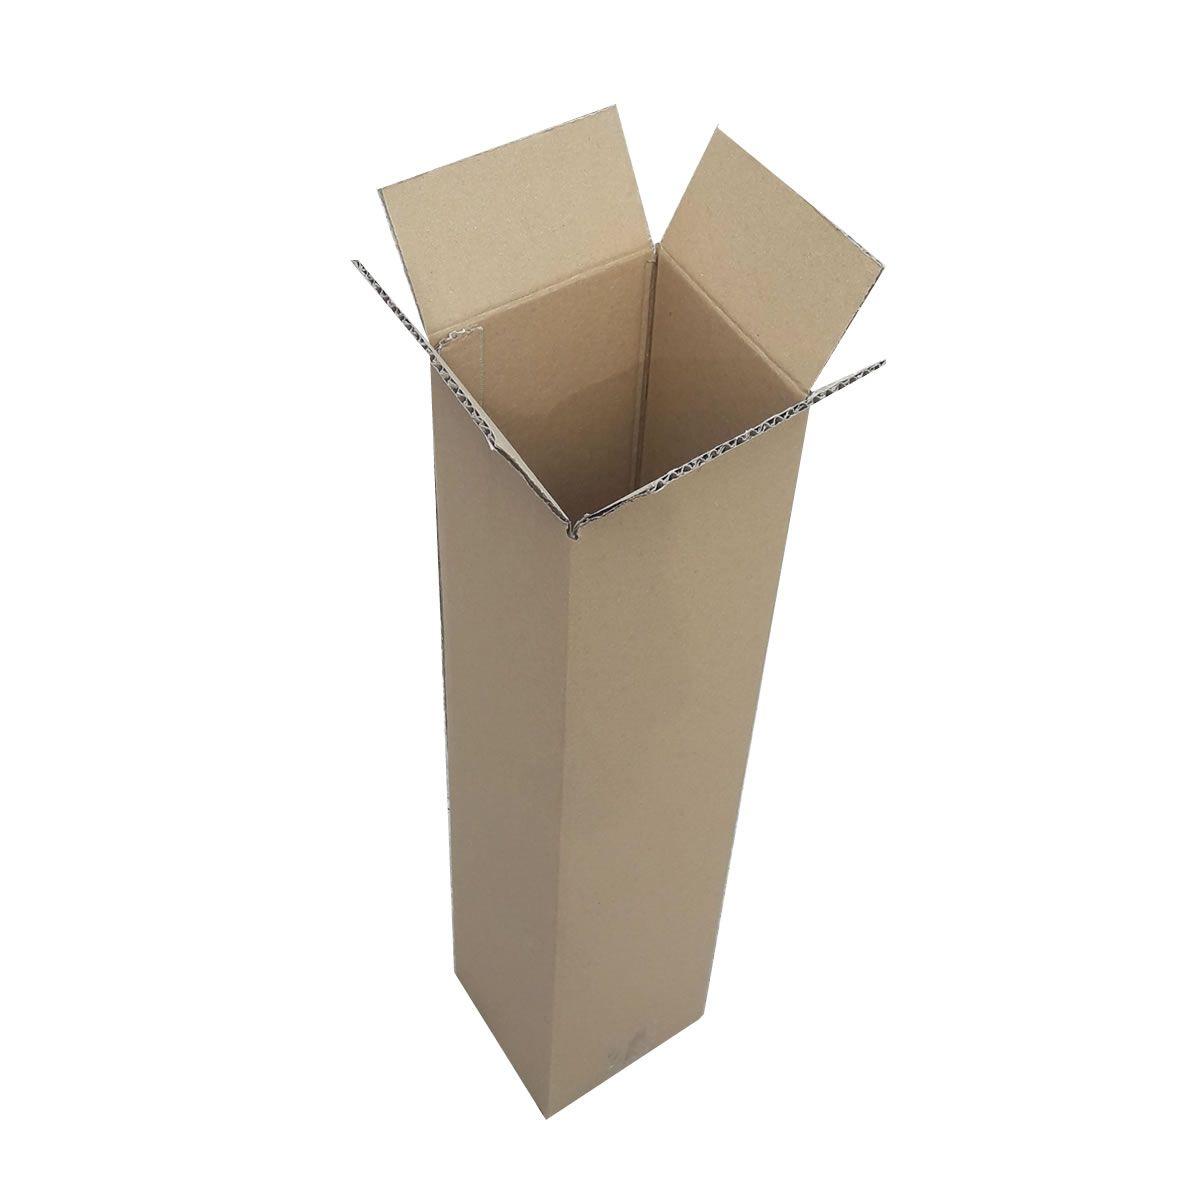 10 Caixas de Papelão 15x15x68 cm - caixa tubo para correio